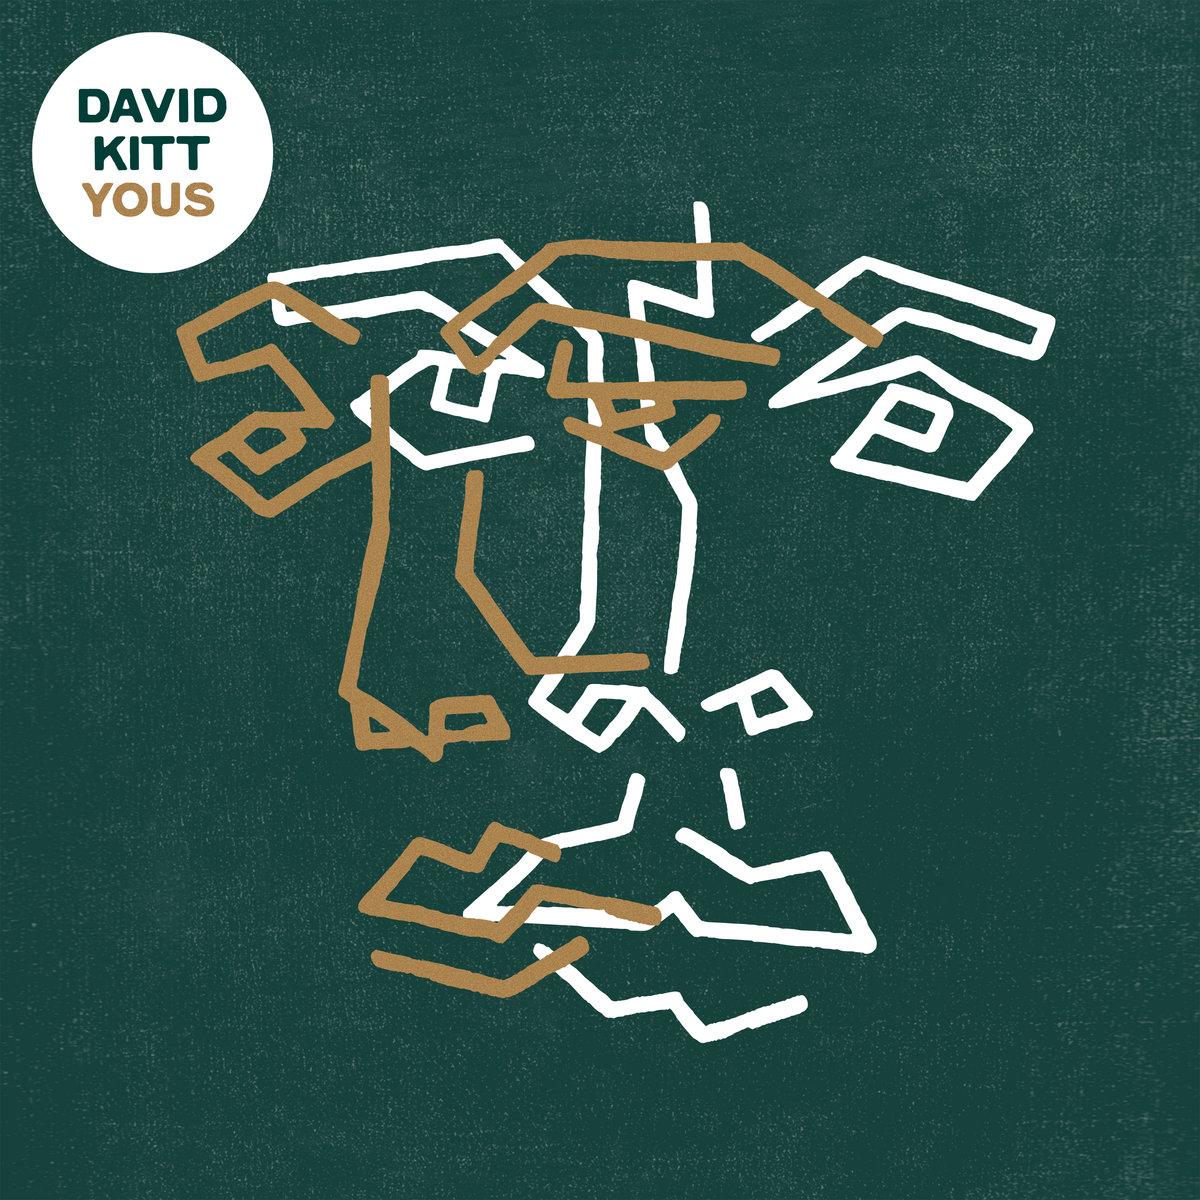 Pochette de l'album Yous de David Kitt